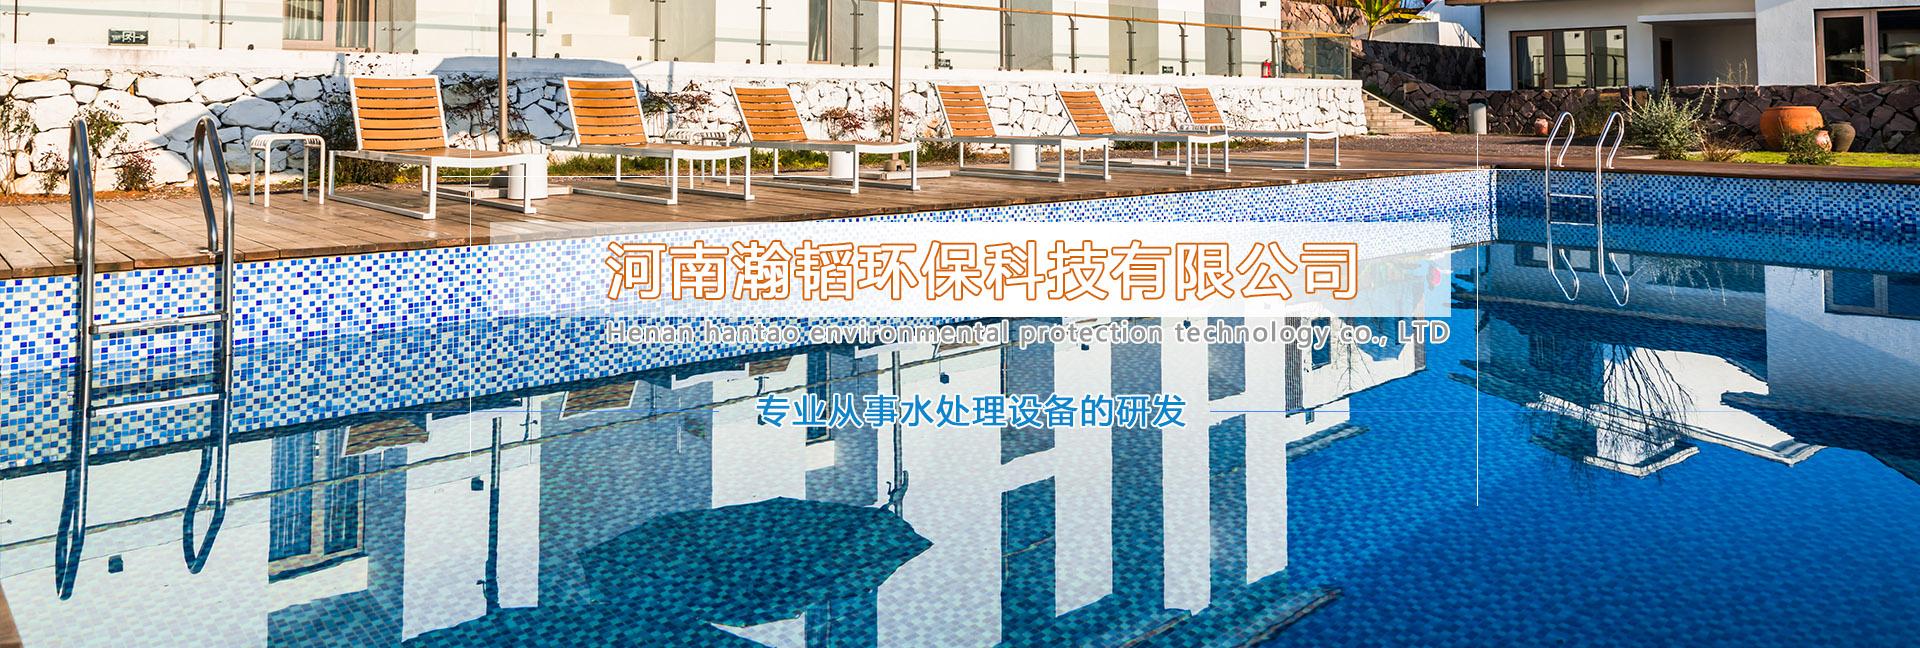 河南瀚韬环保科技有限公司